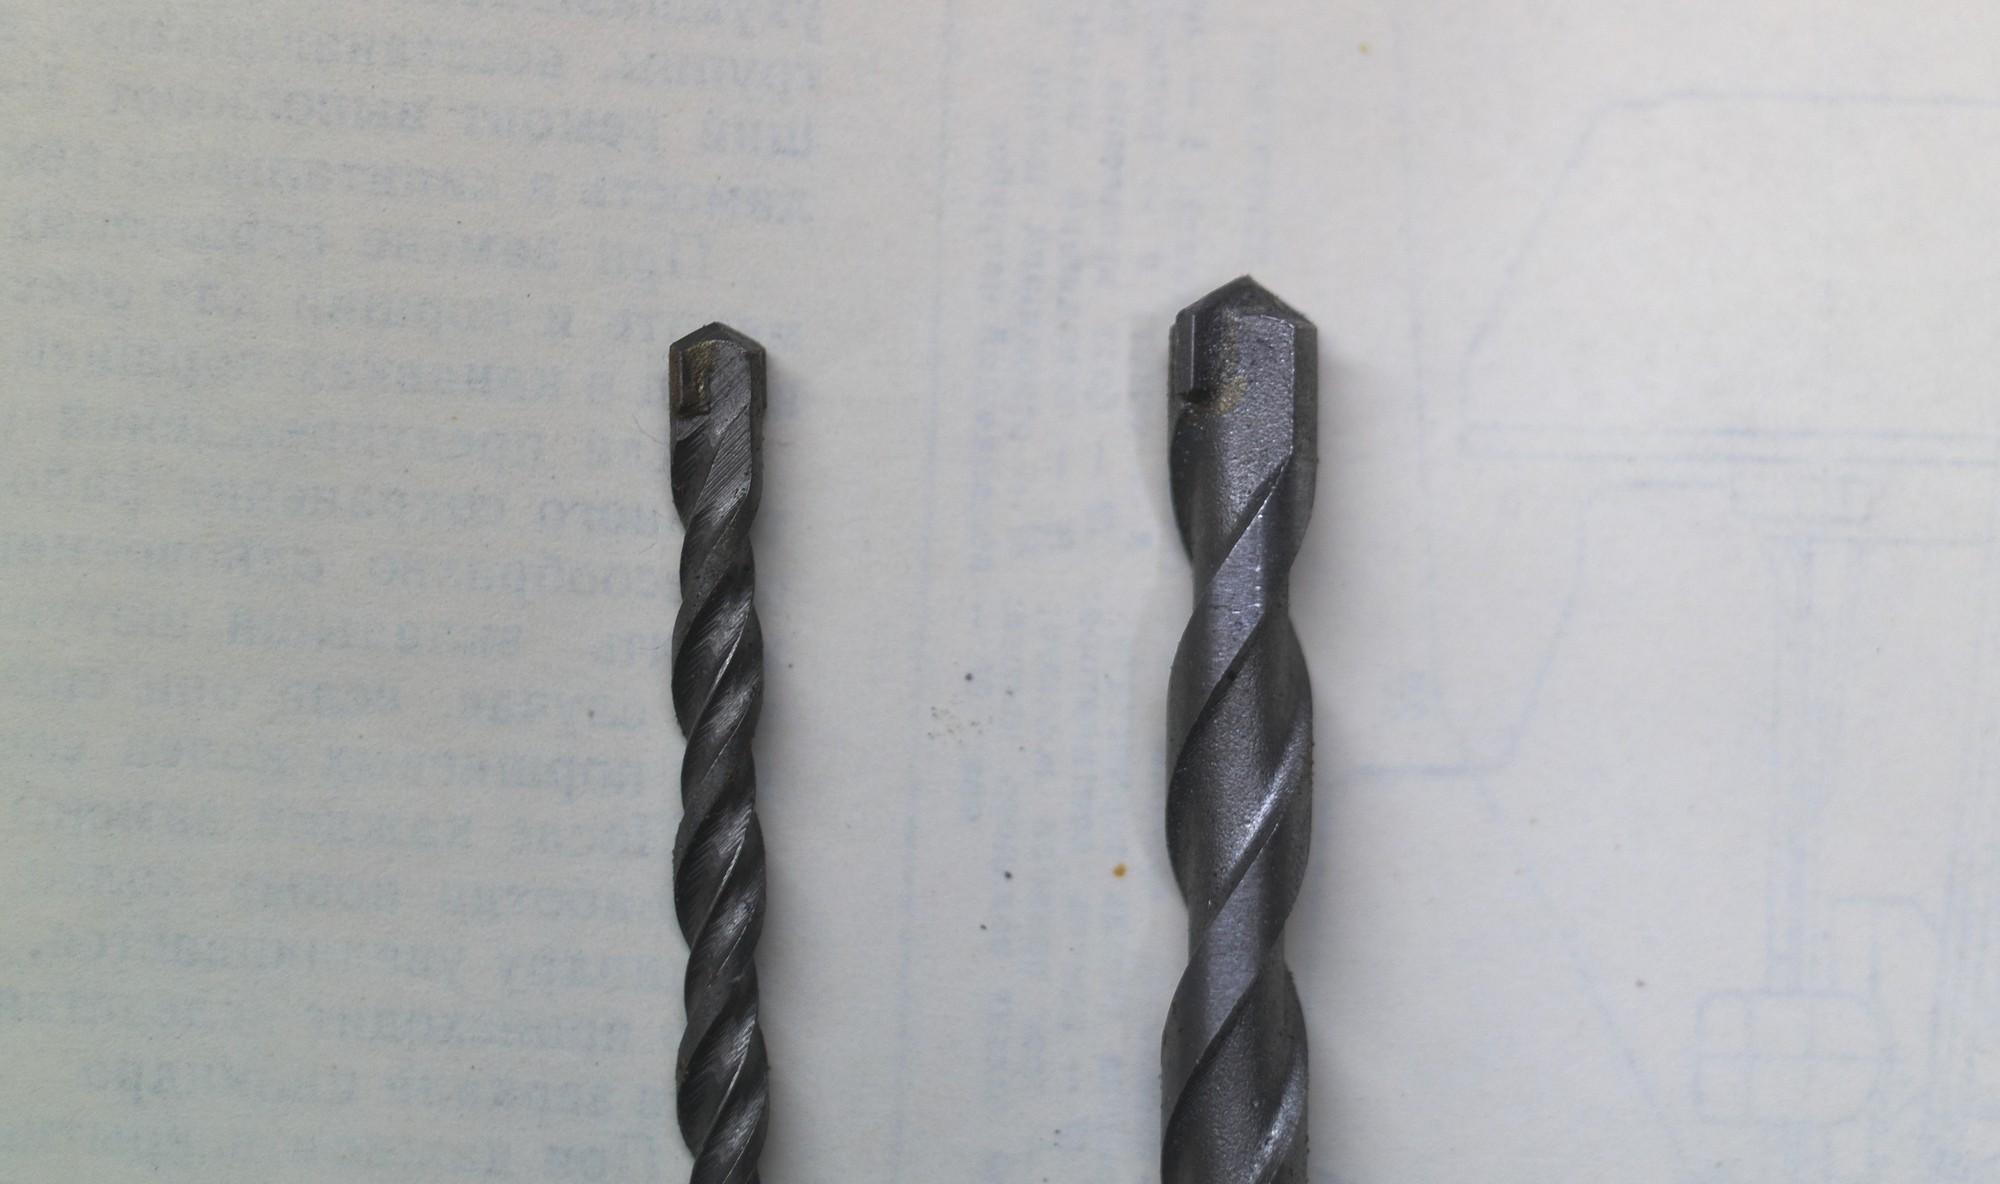 Как просверлить отверстие в каленом металле - moy-instrument.ru - обзор инструмента и техники